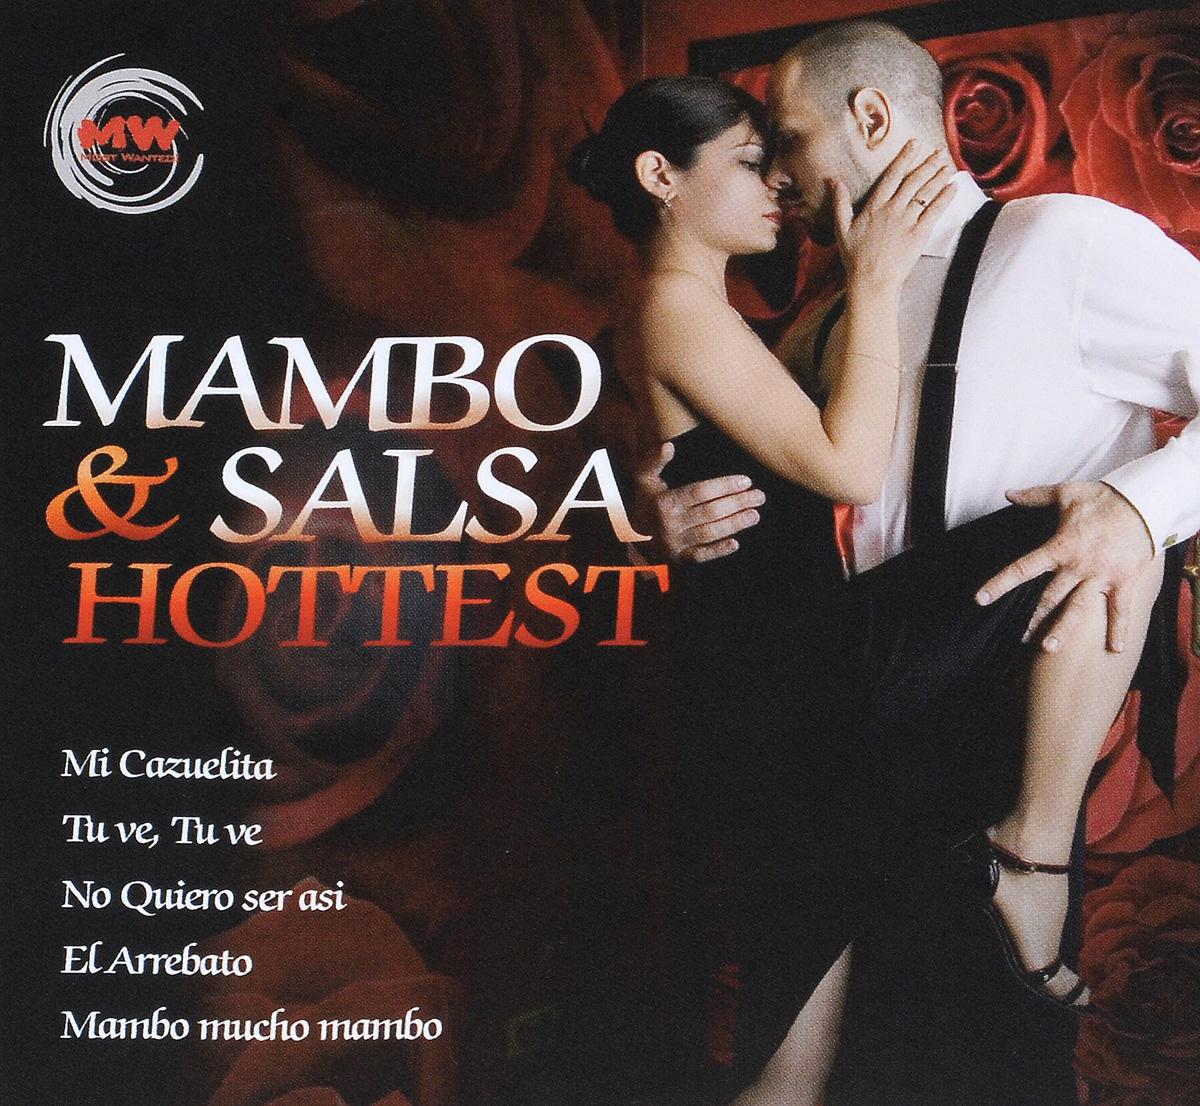 Mambo & Salsa Hottest mambo